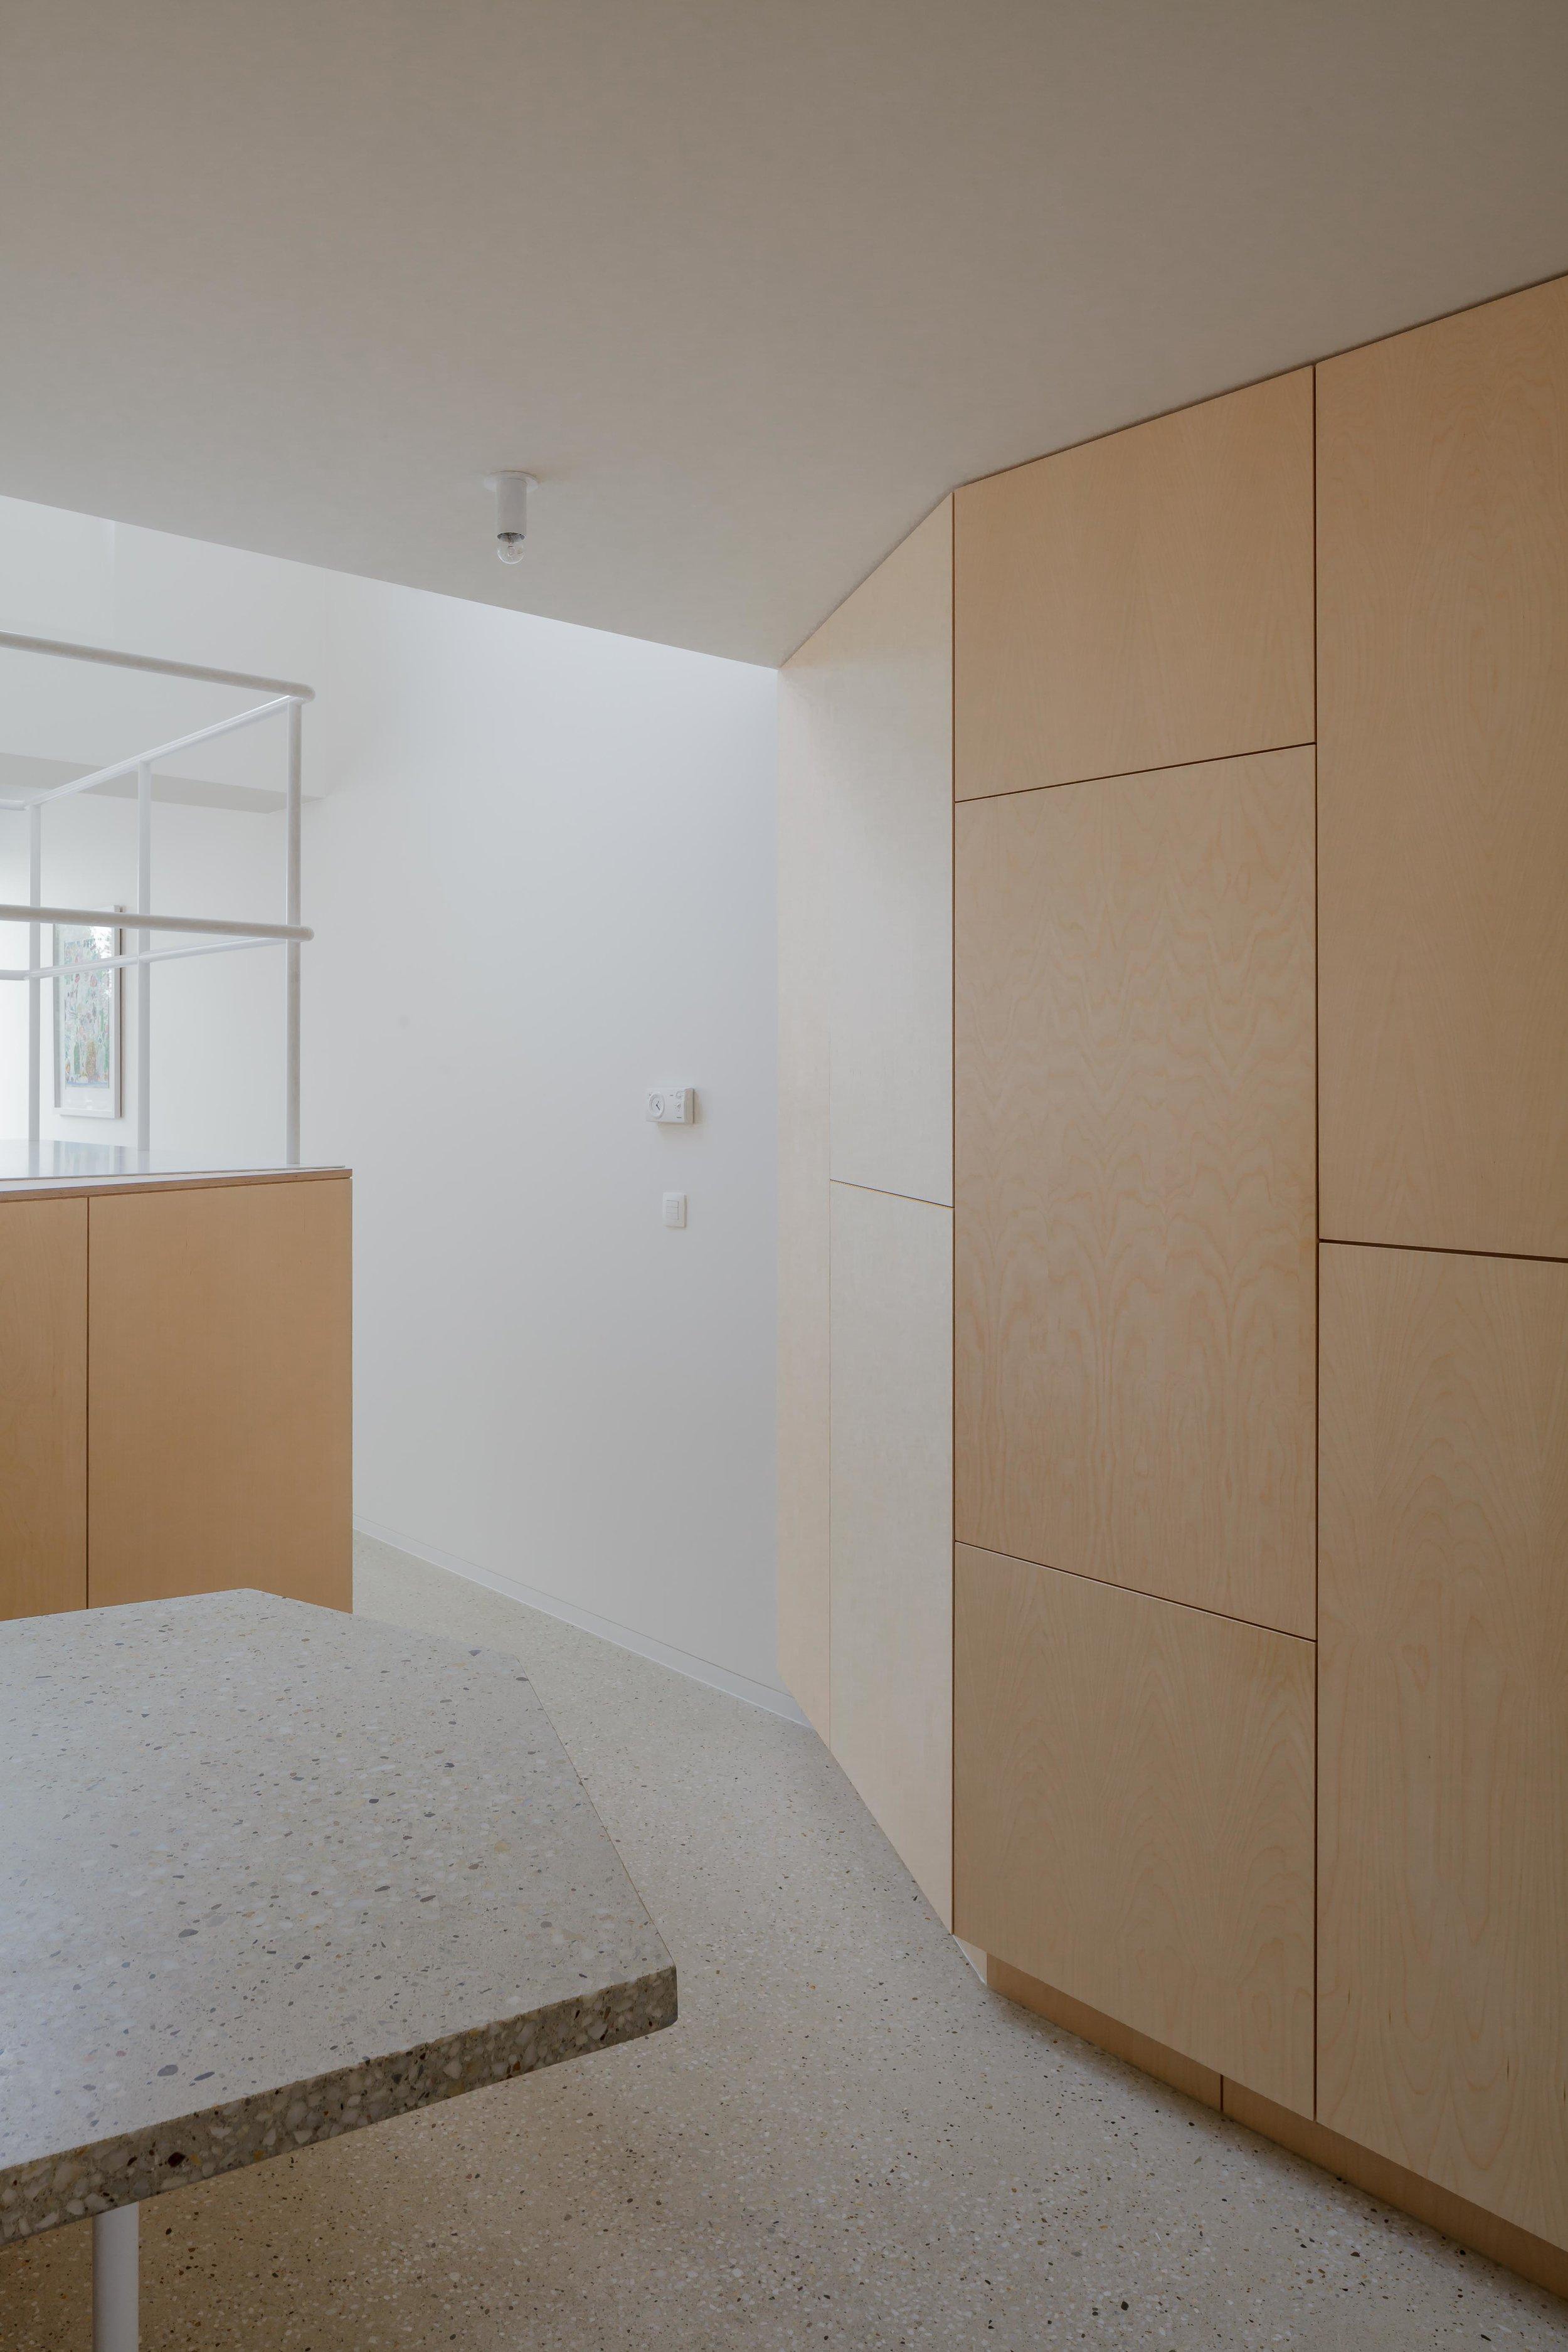 vik-architect-kuurne (10 of 10).jpg